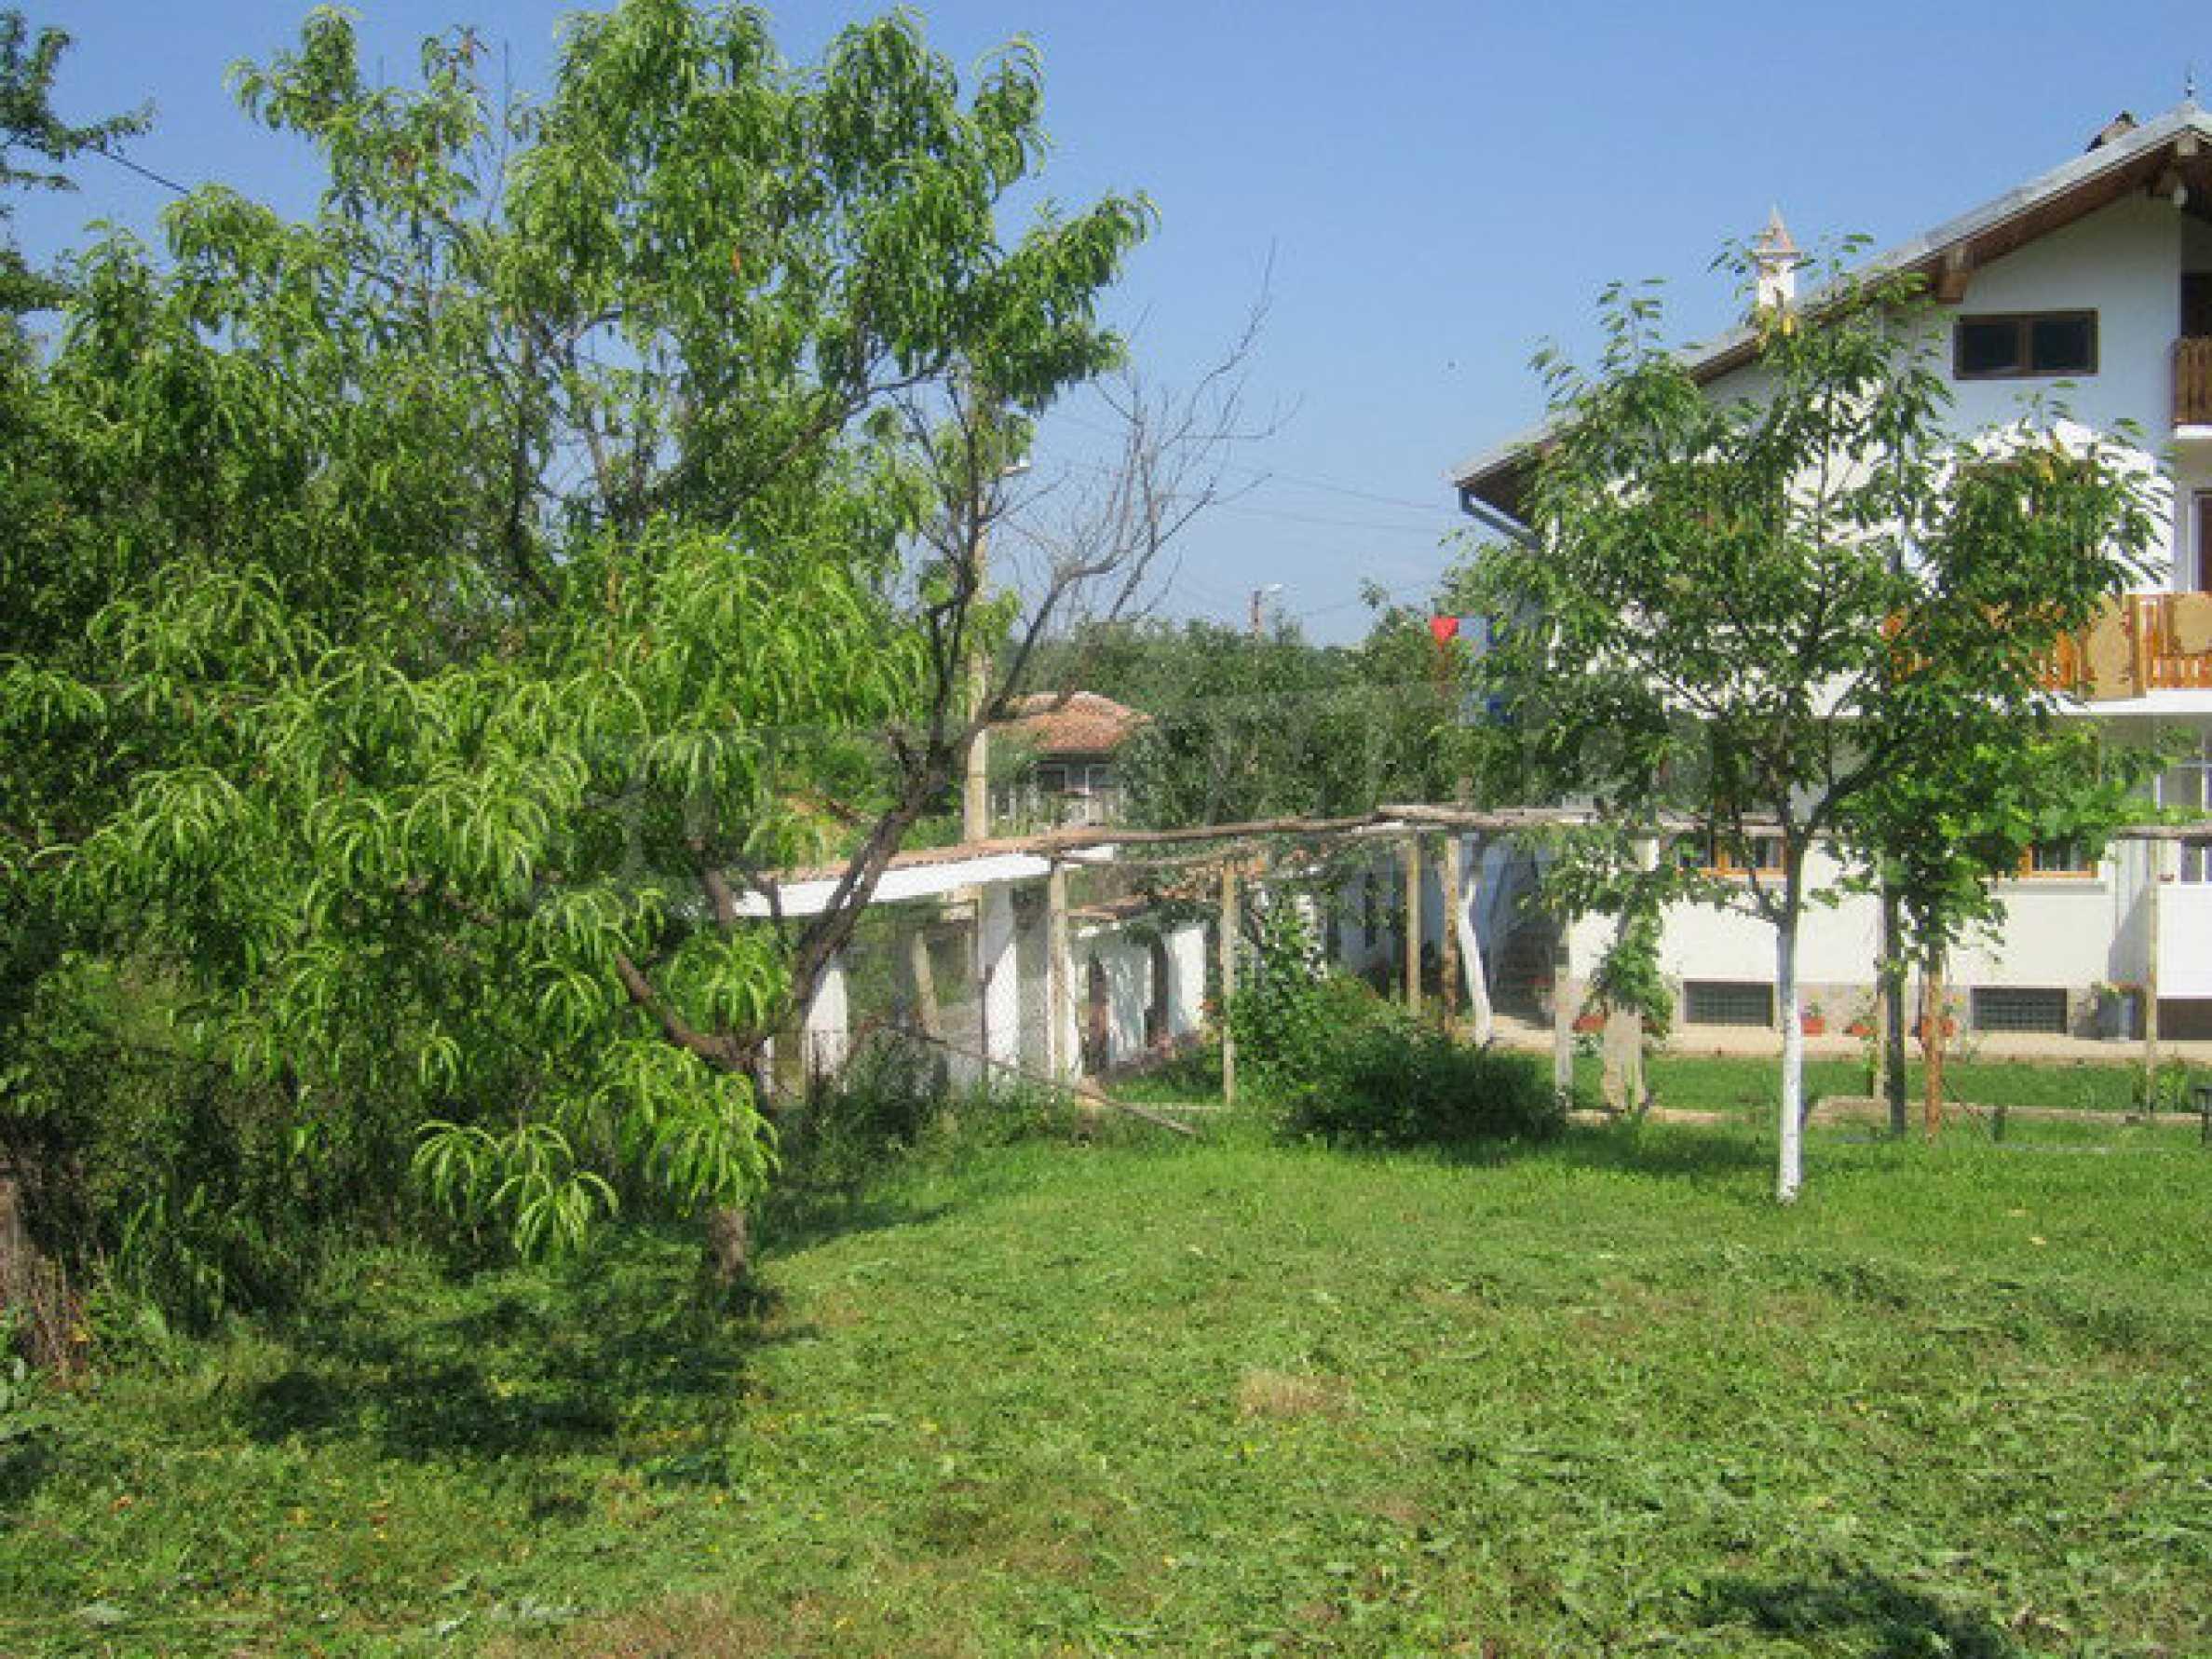 Geräumiges ländliches Anwesen mit einem Garten 20 km. von Veliko Tarnovo 6